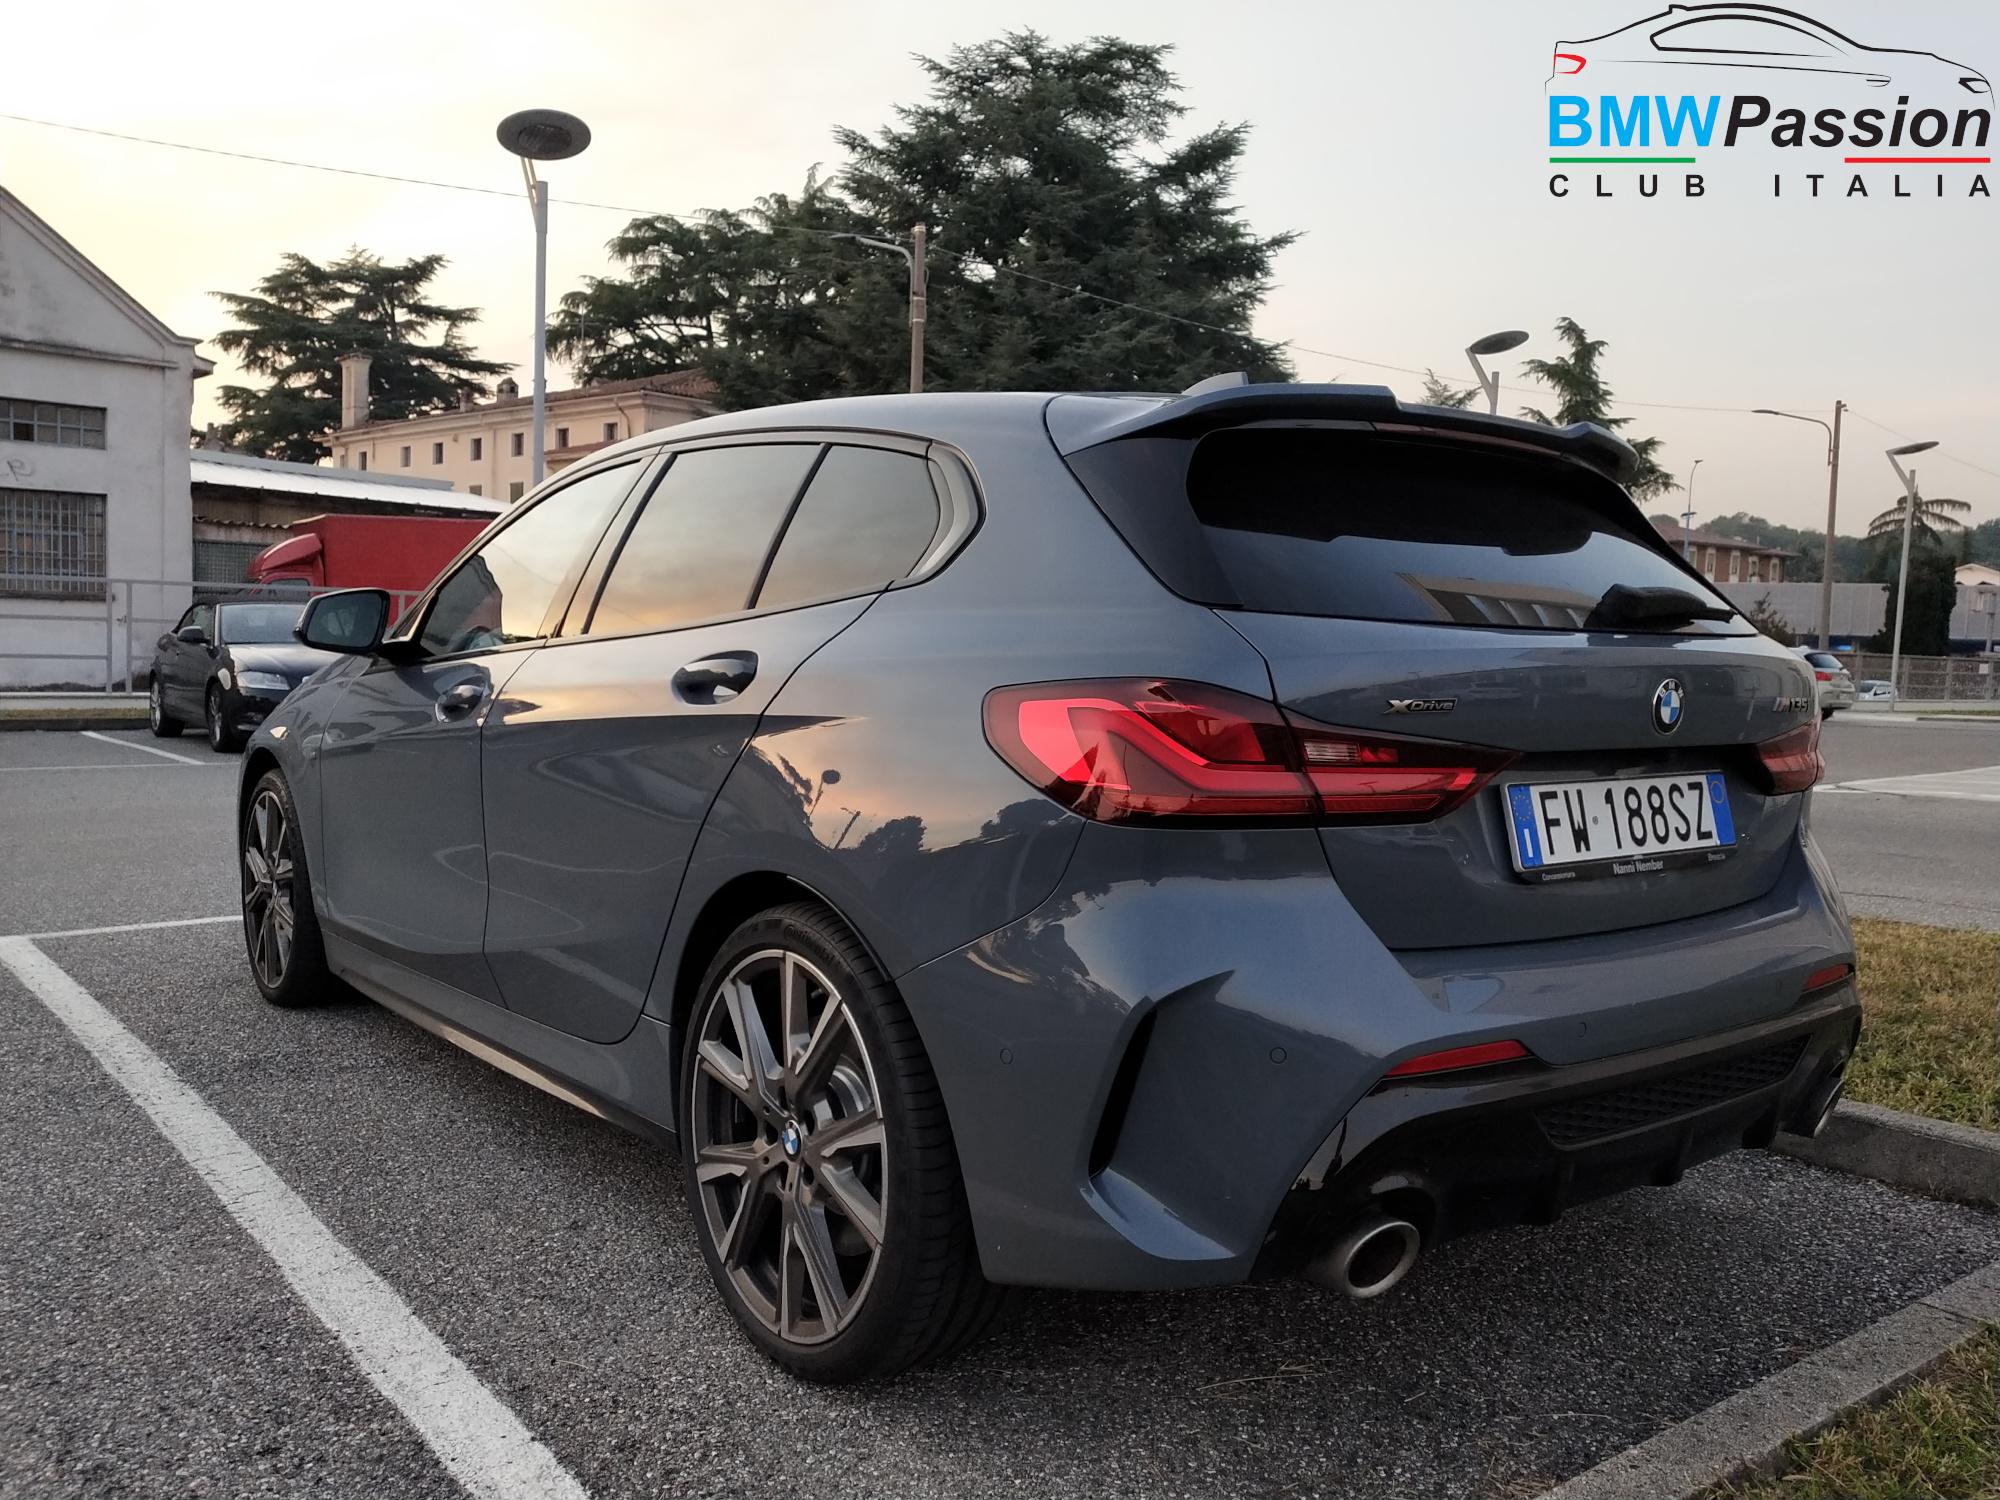 Eccoci, finalmente, al test drive della nuova BMW M135i xDrive!